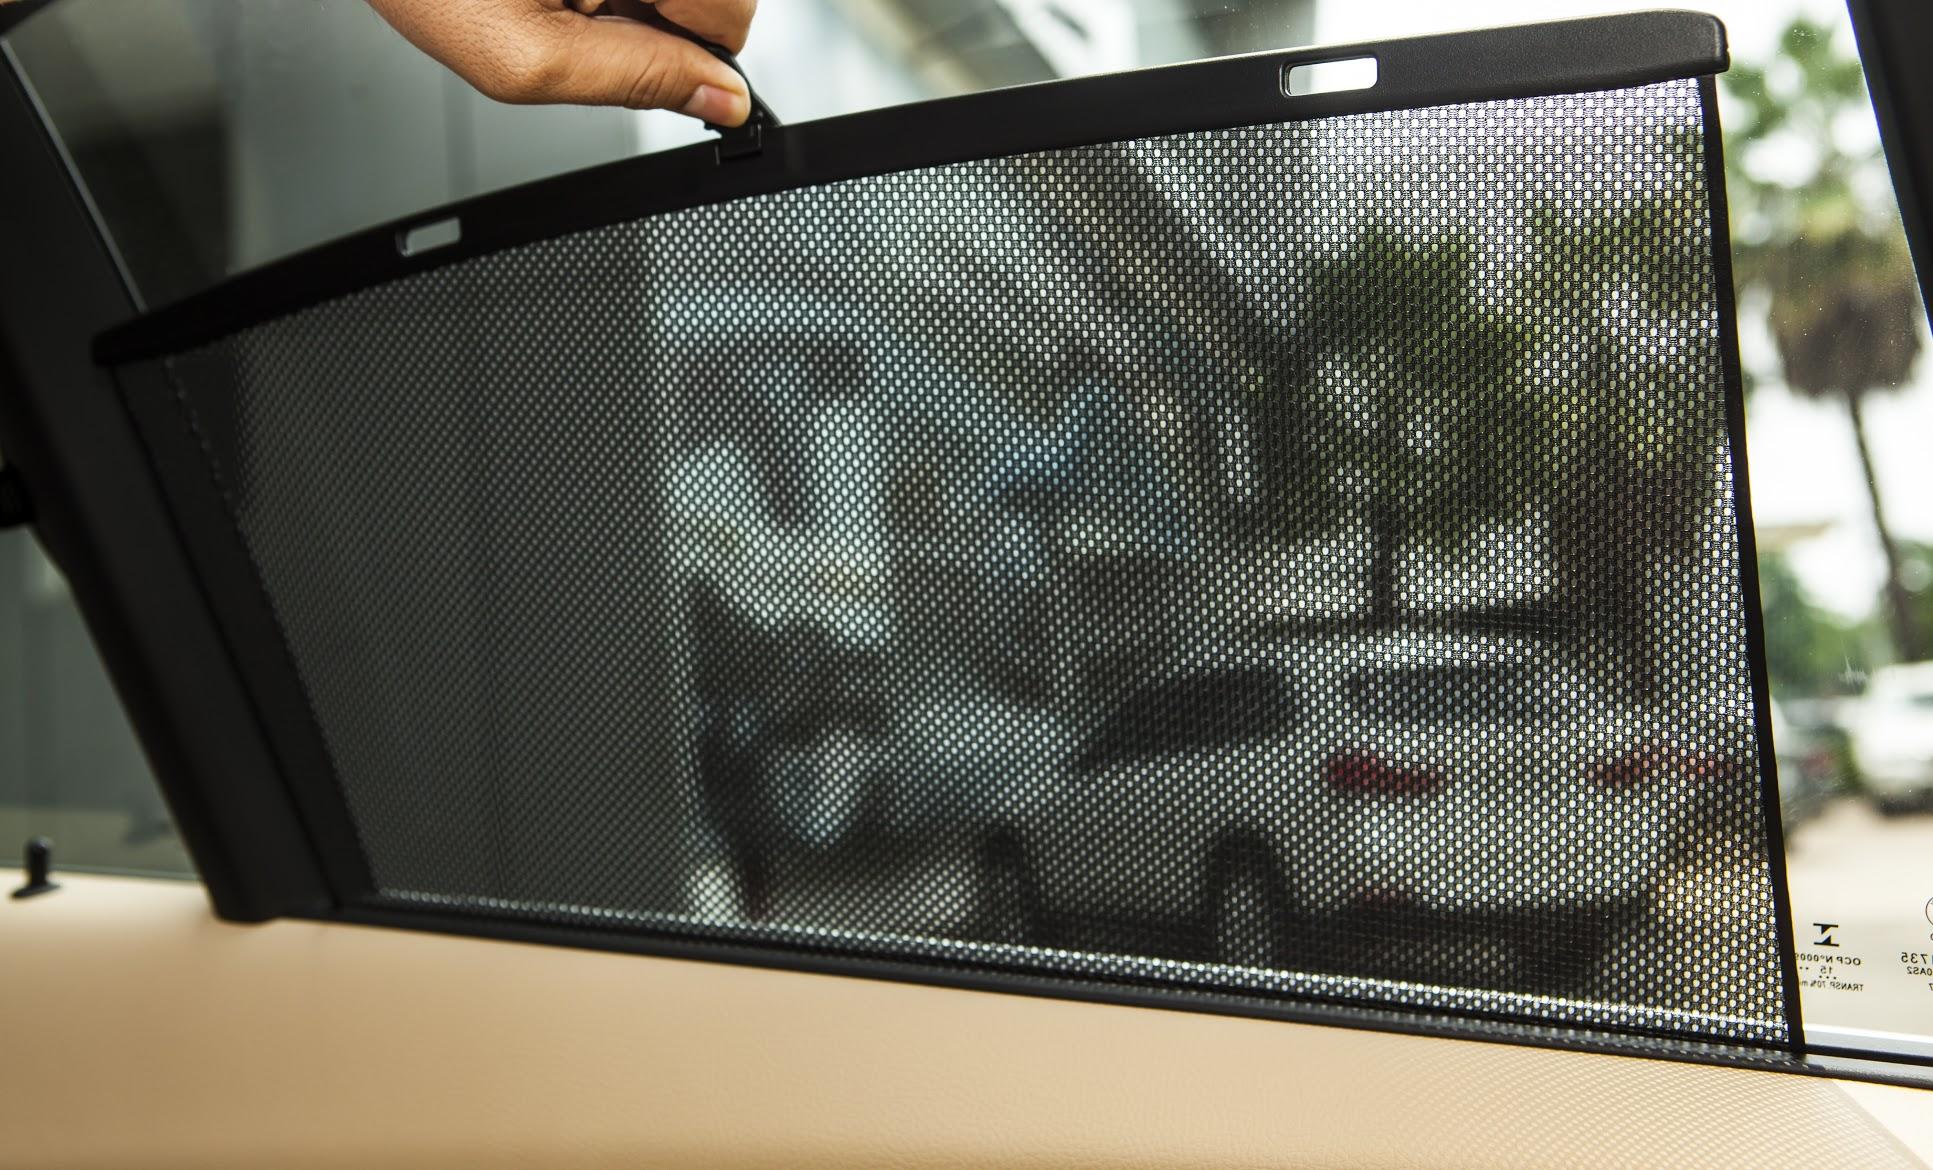 Màn che nắng cho cửa sổ hàng ghế sau trên BMW 320i phiên bản 100 năm.